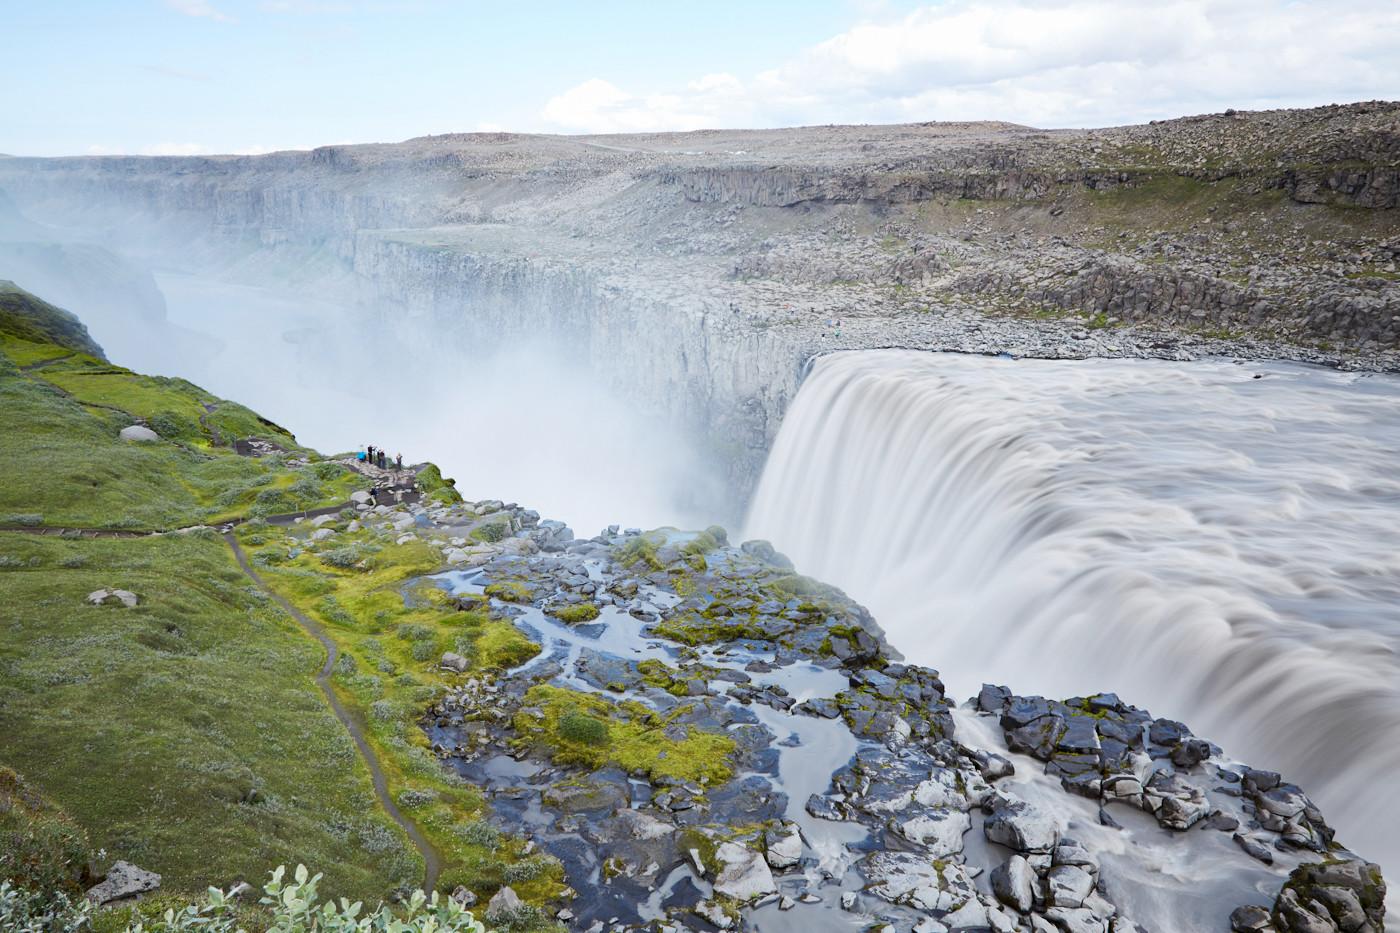 Dettifoss Wasserfall im Norden von Island, gewaltiger Wasserfall, entdeckt auf dem Island Roadtrip von Miles and Shores